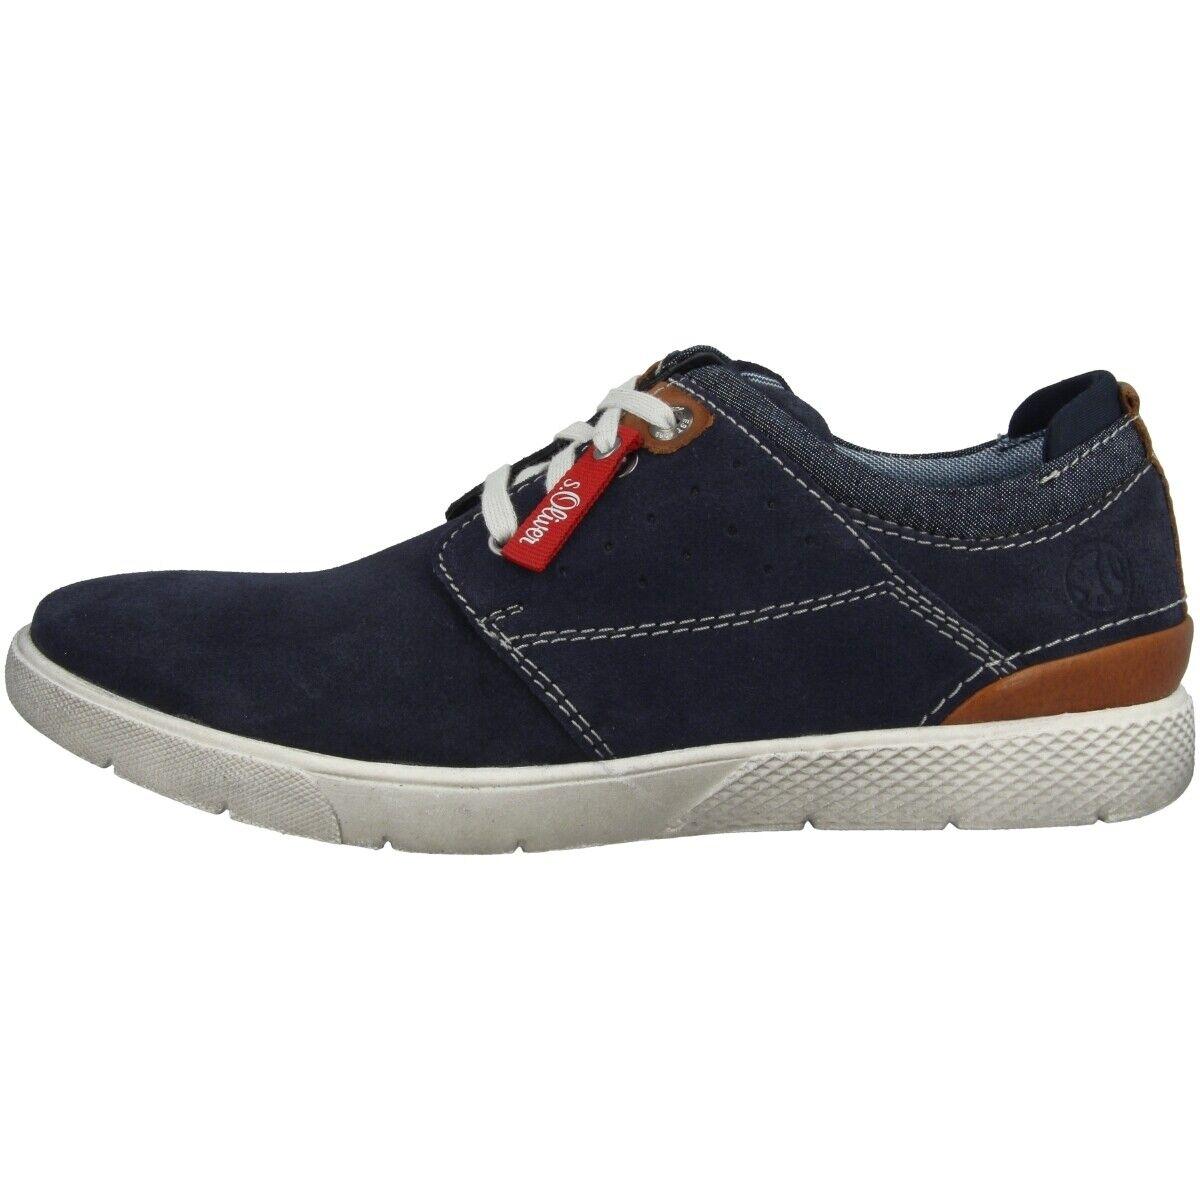 S.Oliver 5 13601 22 Zapatos Men Mocasines de Hombre Deportiva con Cordones 5